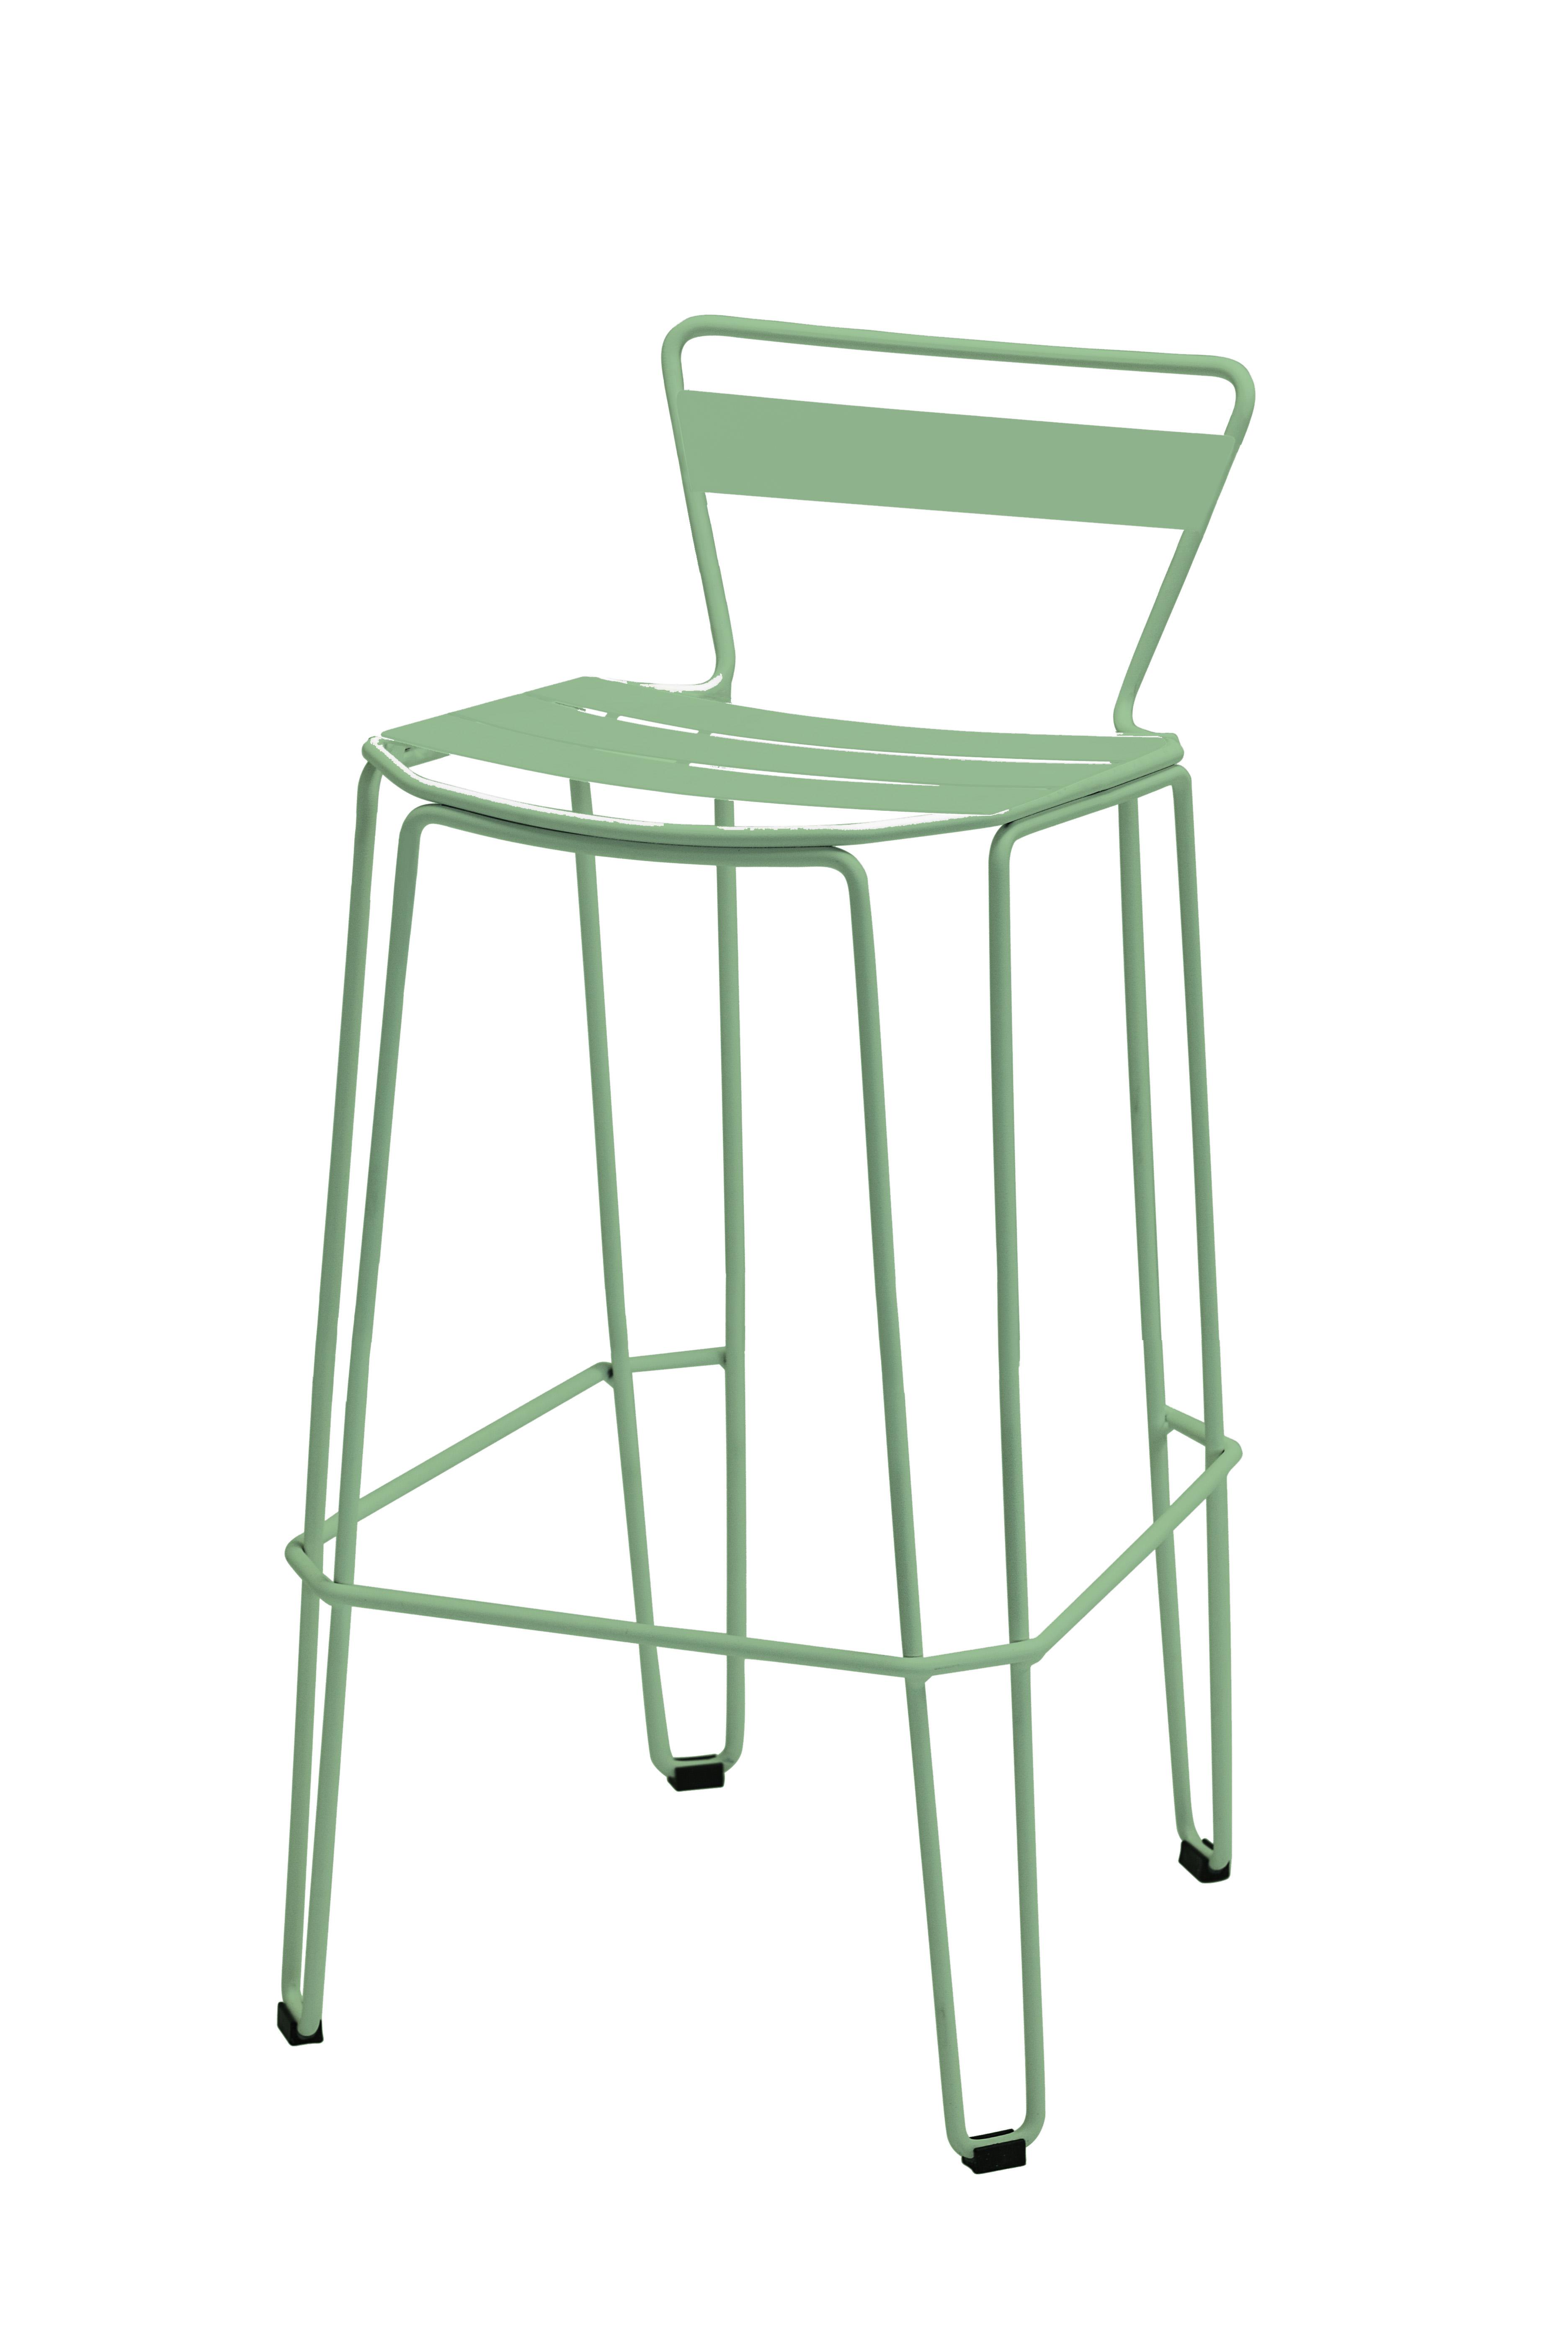 MALLORCA - Chaise haute en acier vert